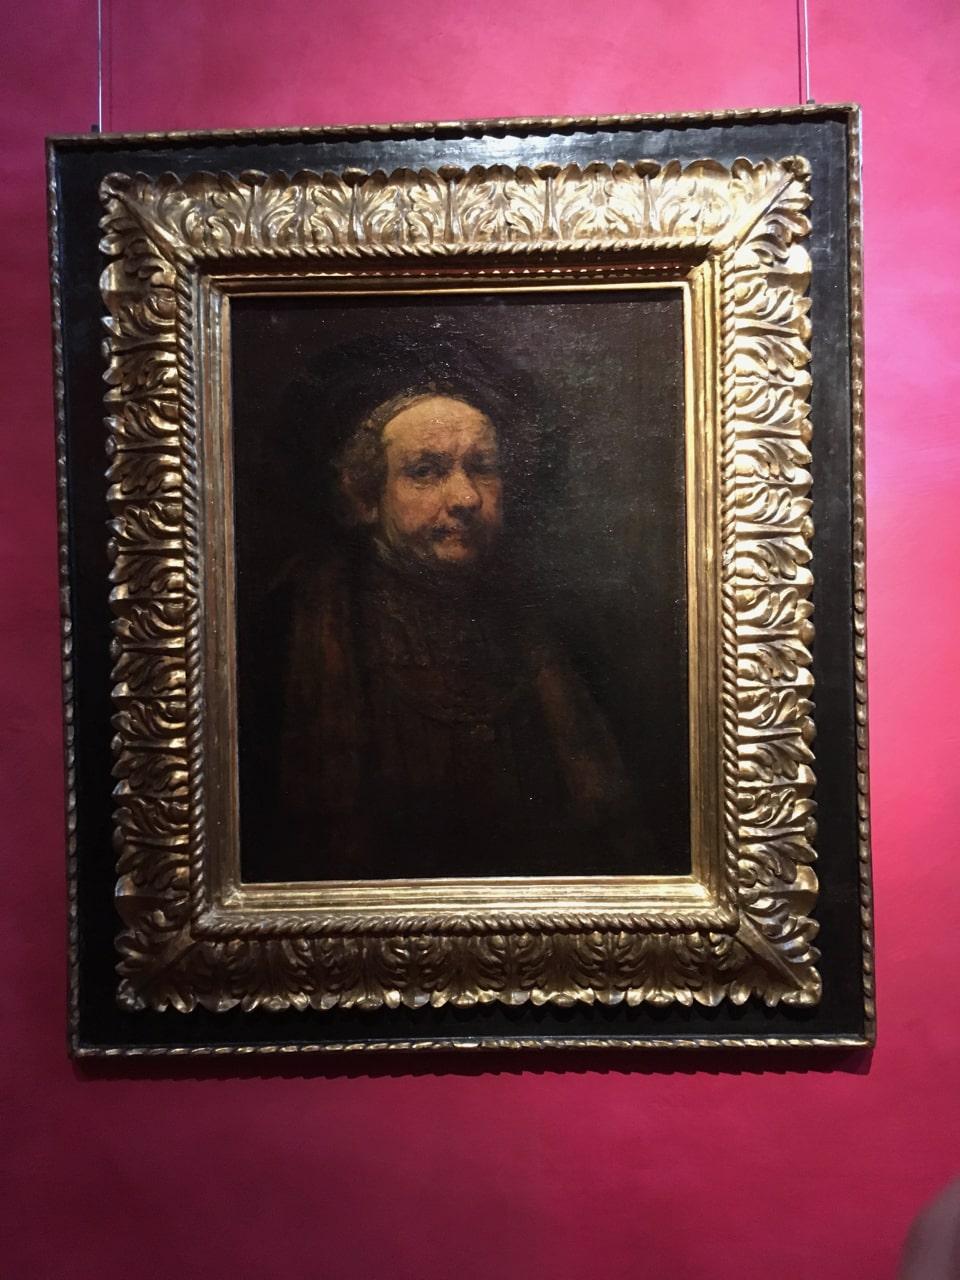 荷兰画家伦勃朗的《自画像》,值得一提的是他有很多的自画像,1669